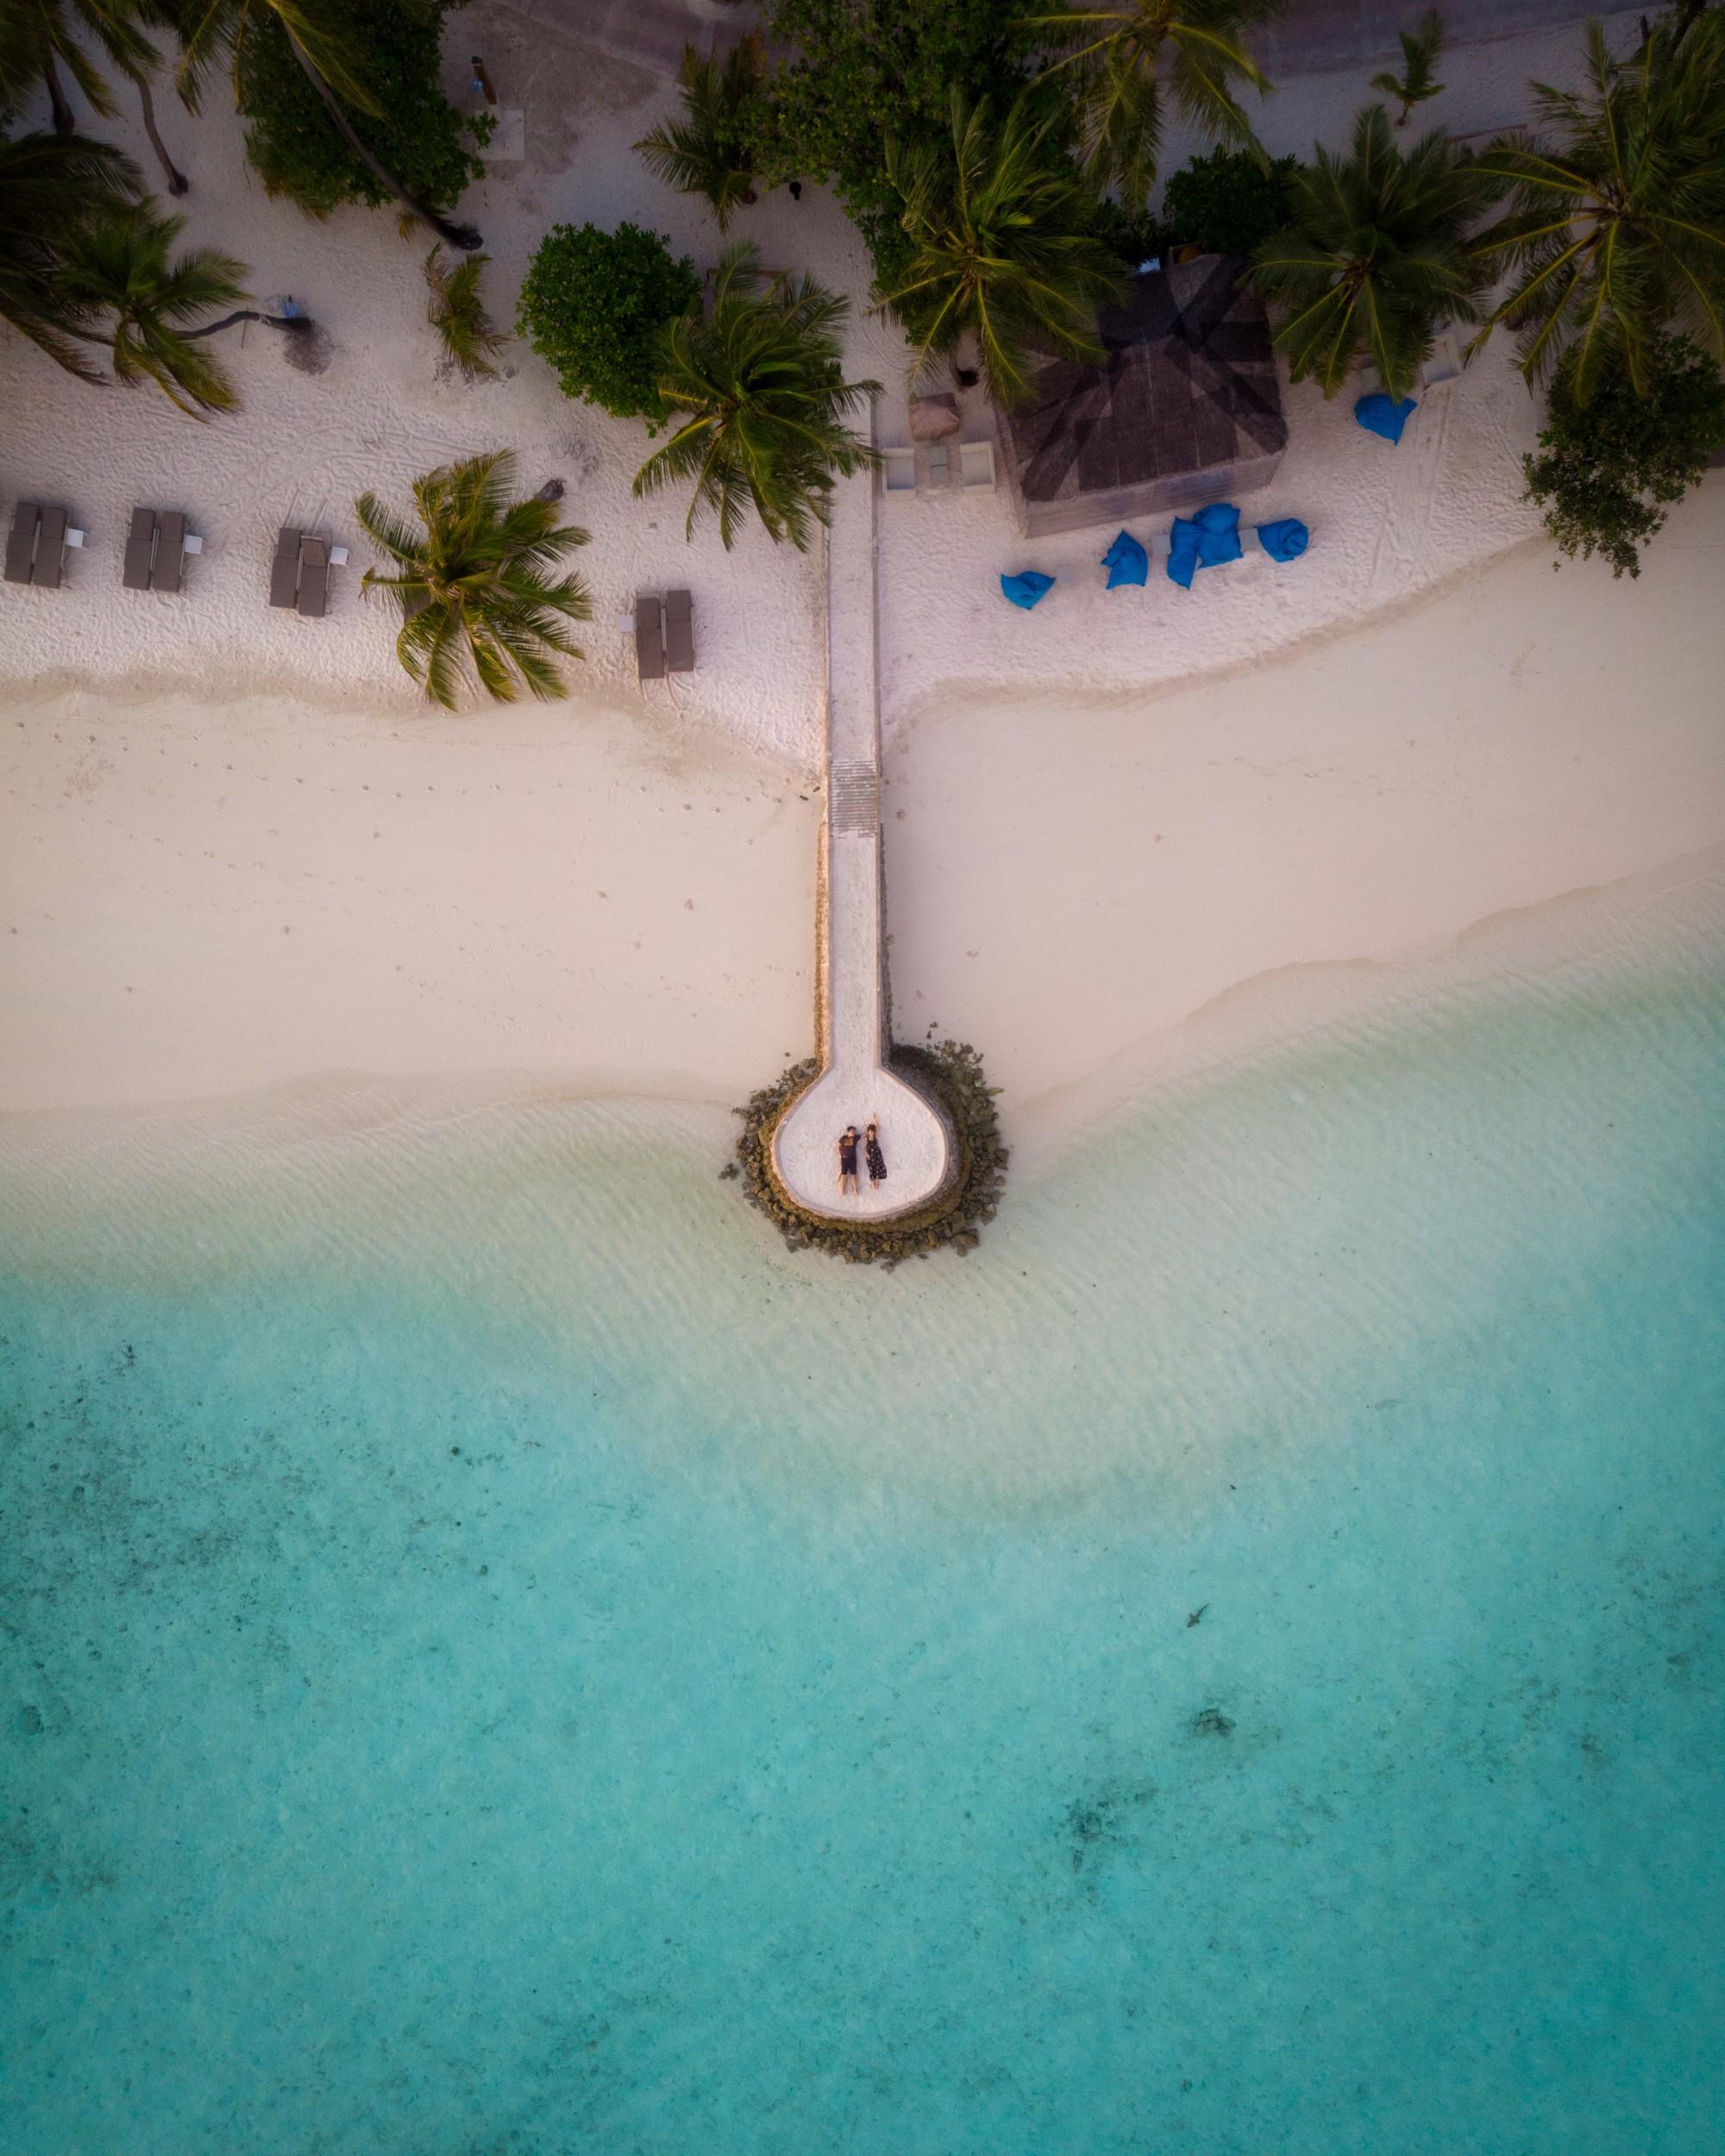 Bộ ảnh thiên đường hạ giới Maldives vừa được cô gái Việt Nam check in trông cũng rất gì và này nọ - Ảnh 5.